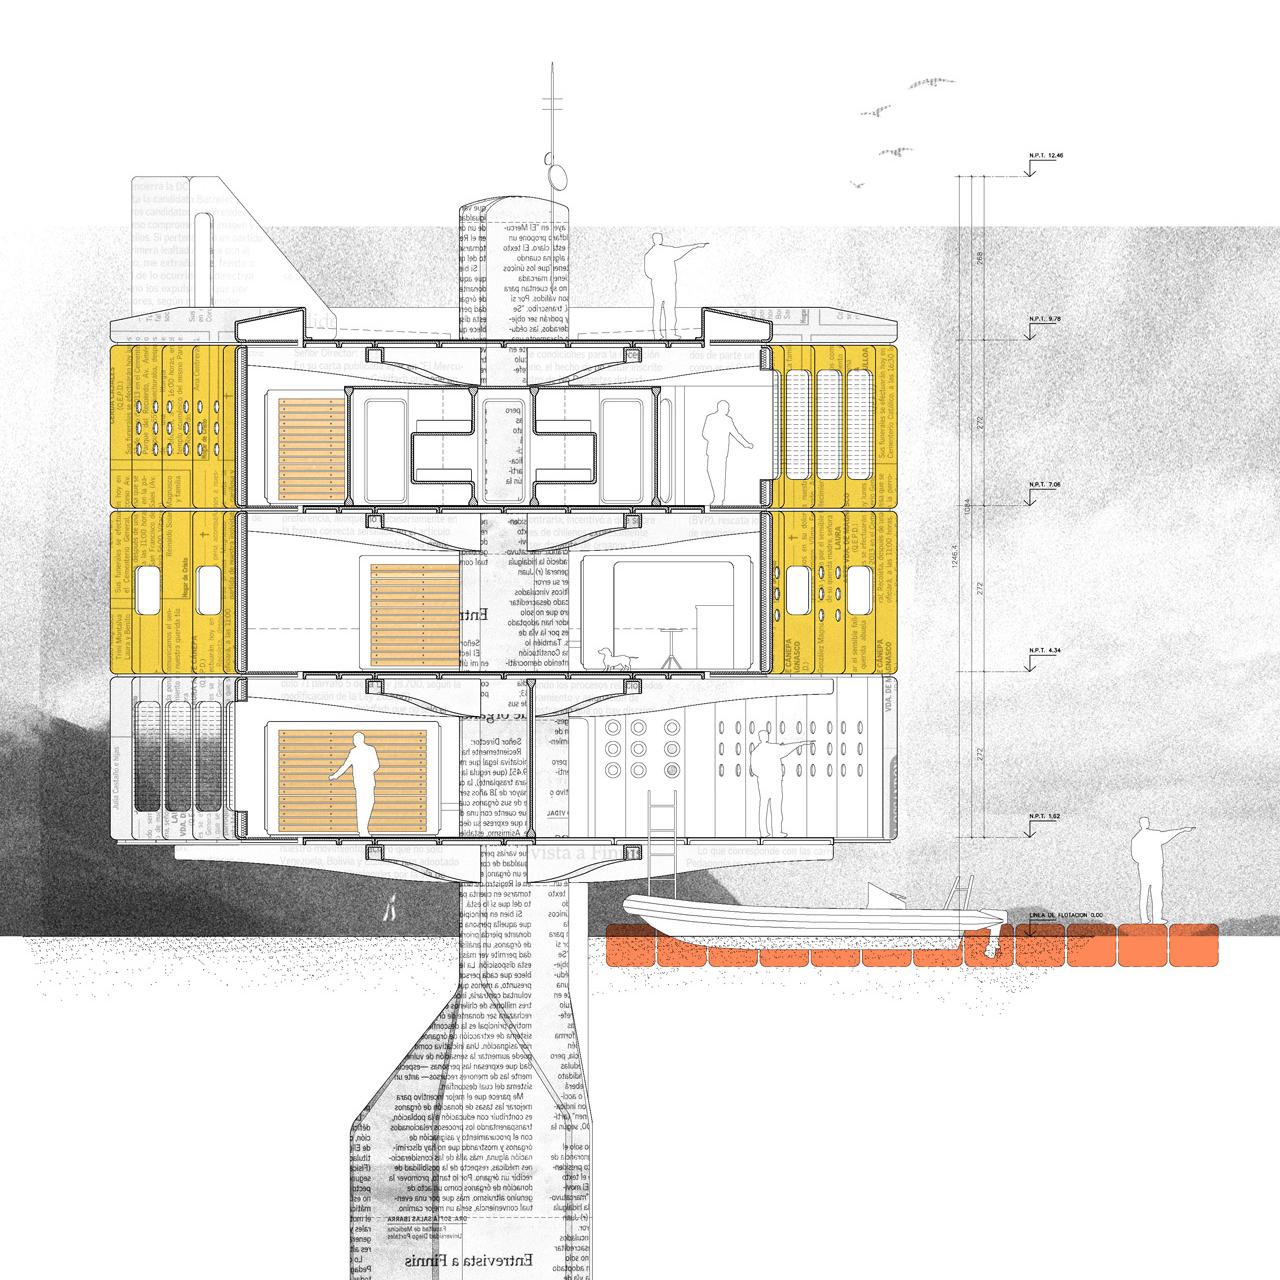 Arquitectura Flotante: Sistema de prefabricación en ferrocemento para zonas extremas, Courtesy of Benjamín Lezaeta